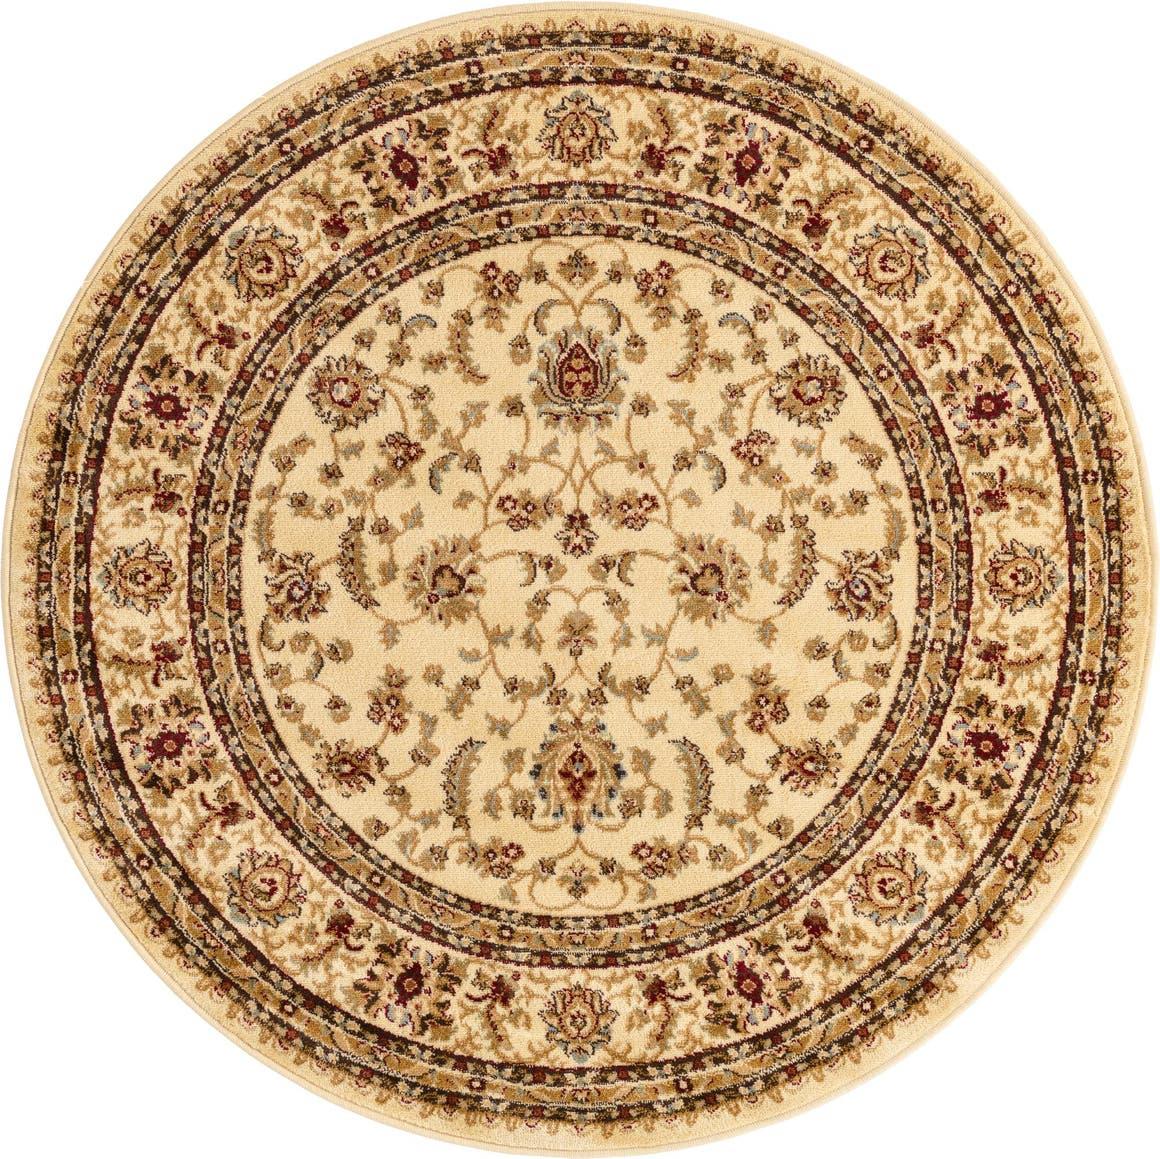 5' 3 x 5' 3 Classic Agra Round Rug main image